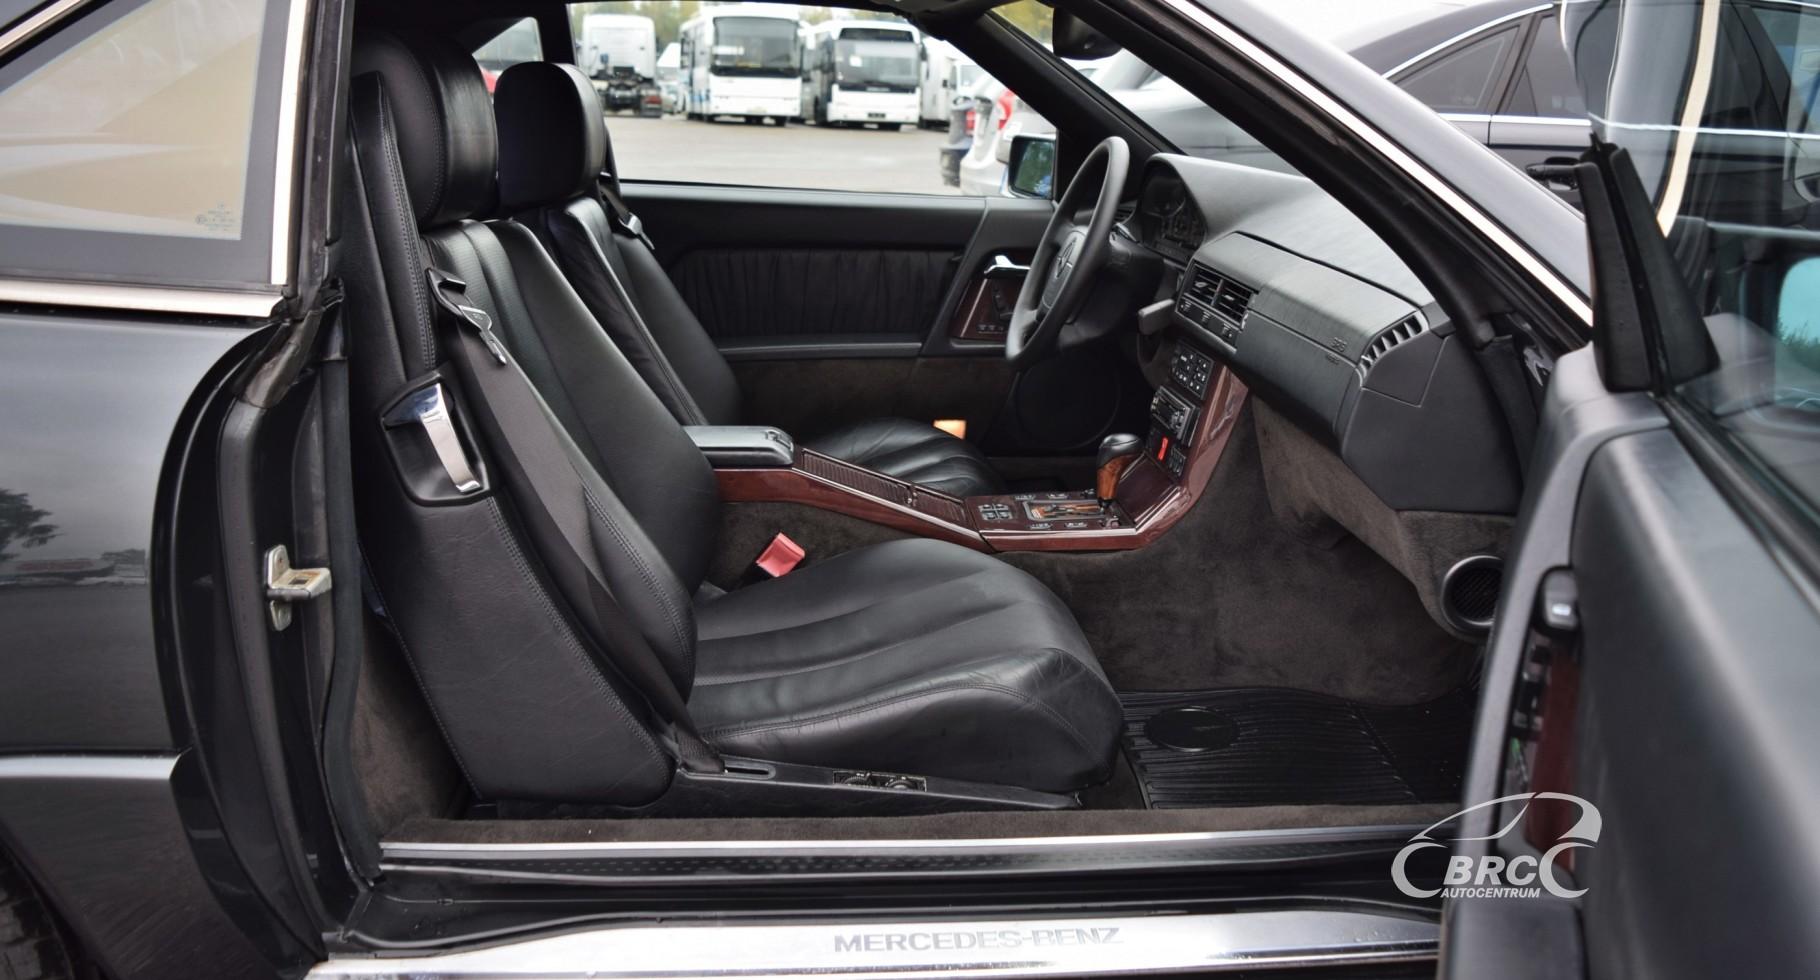 Mercedes-Benz SL 600 AMG V12 A/T